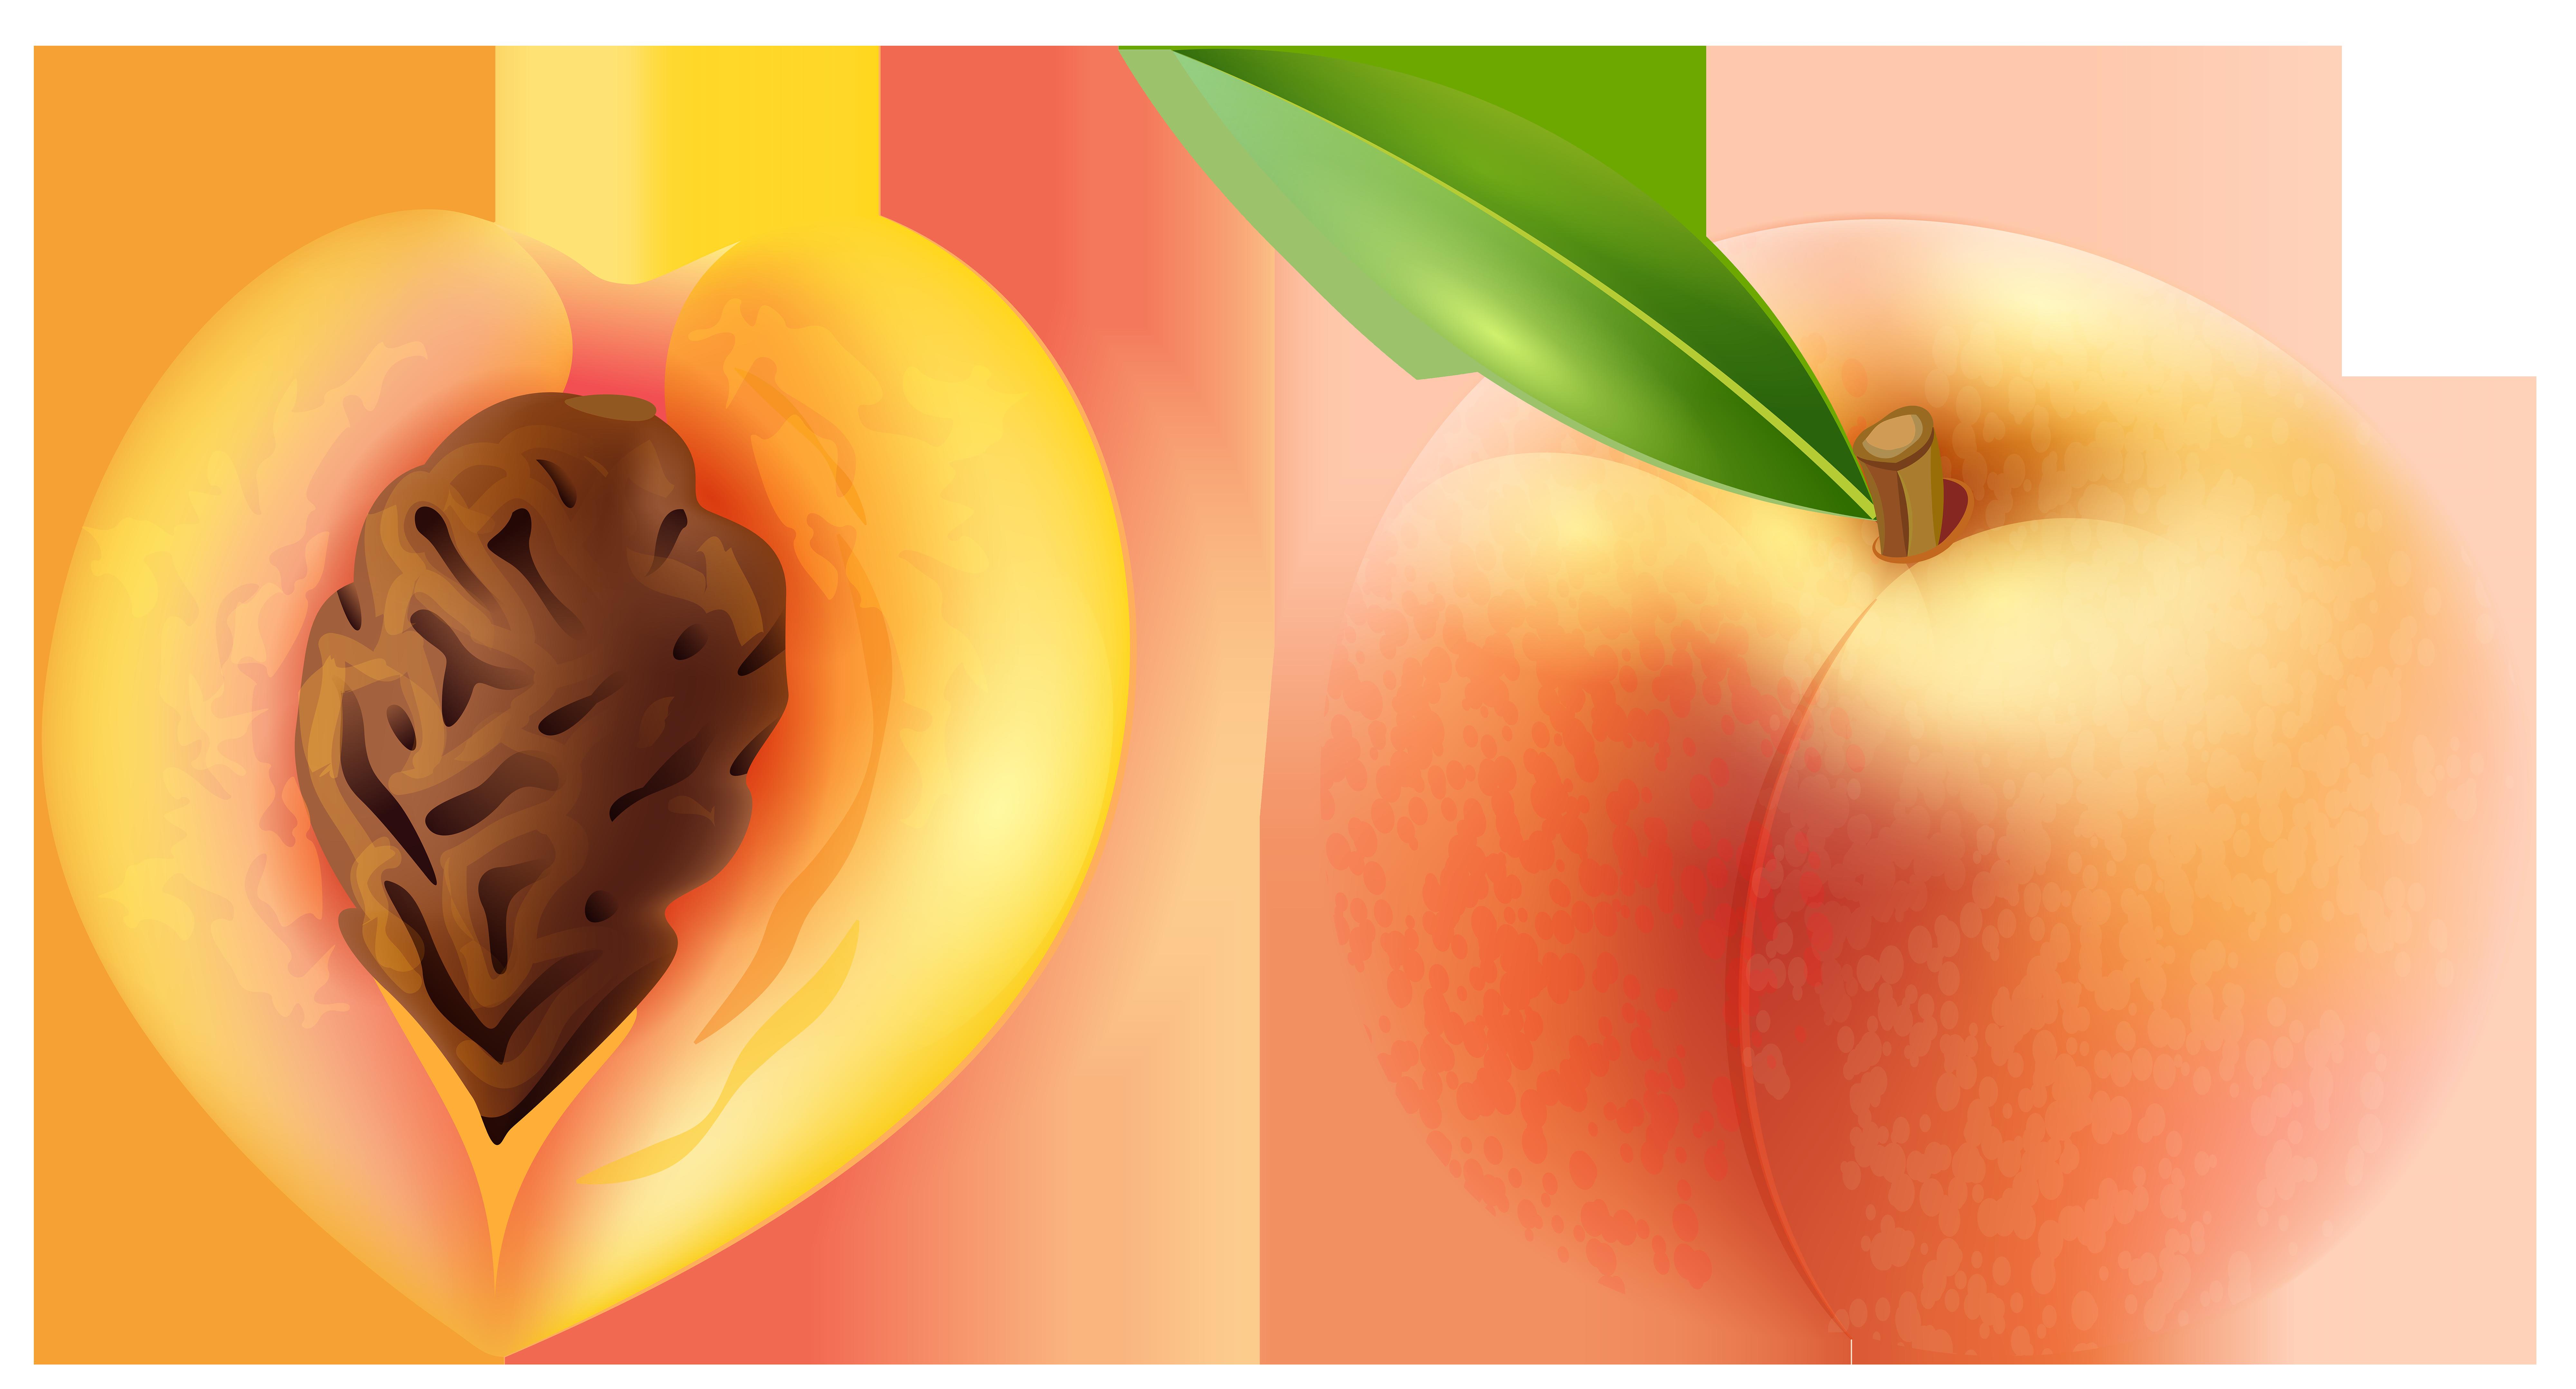 Peach Transparent PNG Clip Art Image.